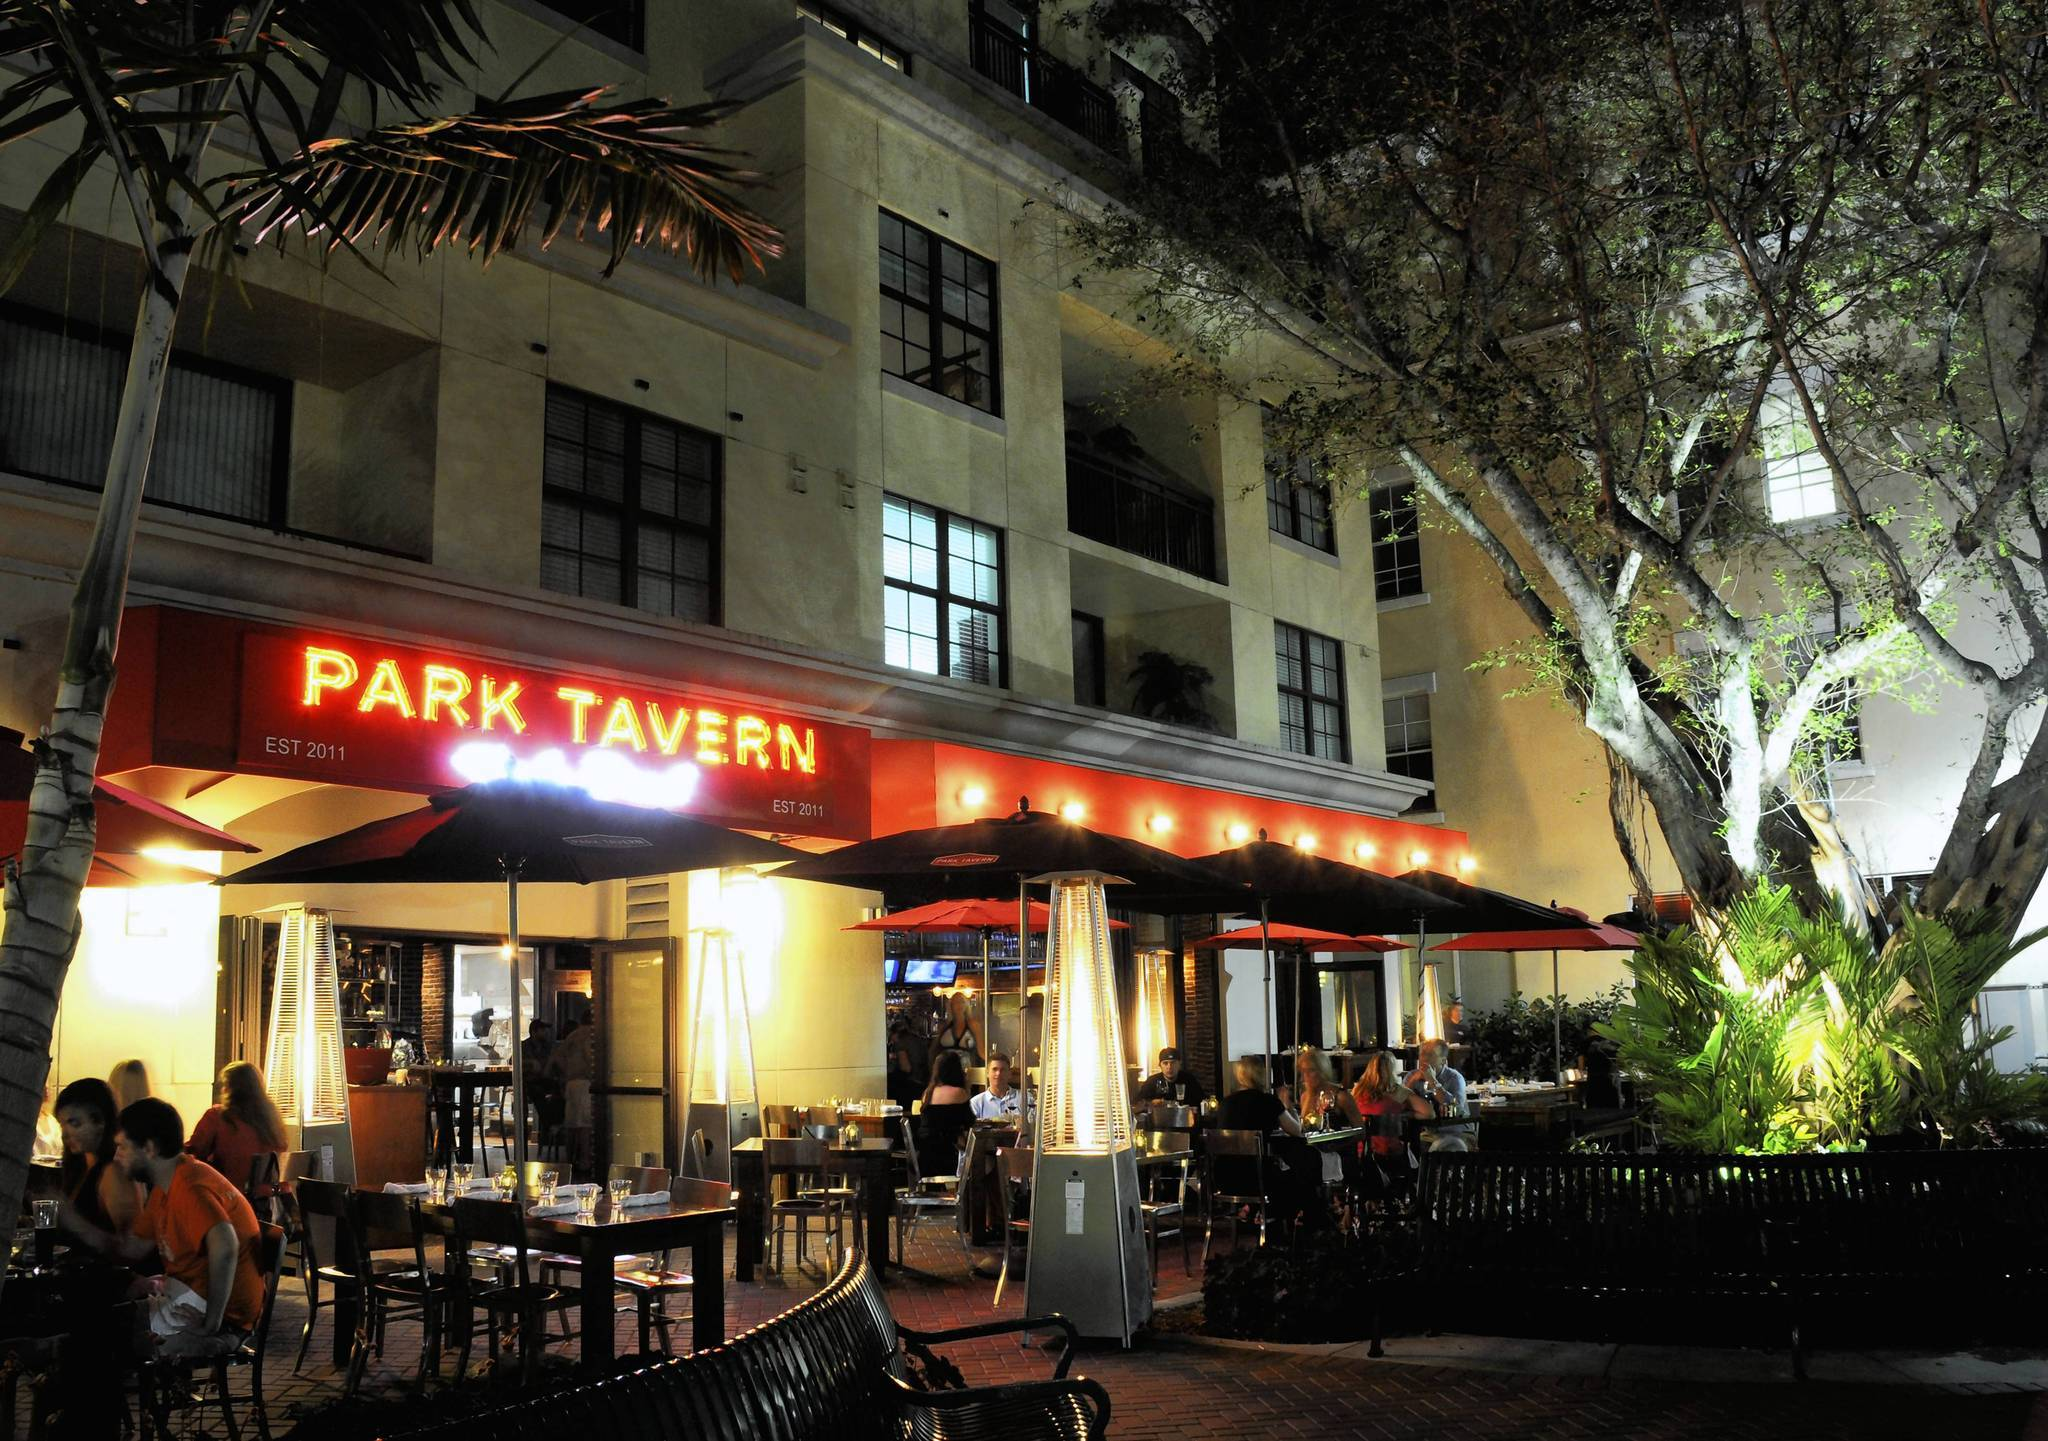 Despite its Second Avenue address, Park Tavern faces Atlantic Avenue in Delray Beach.